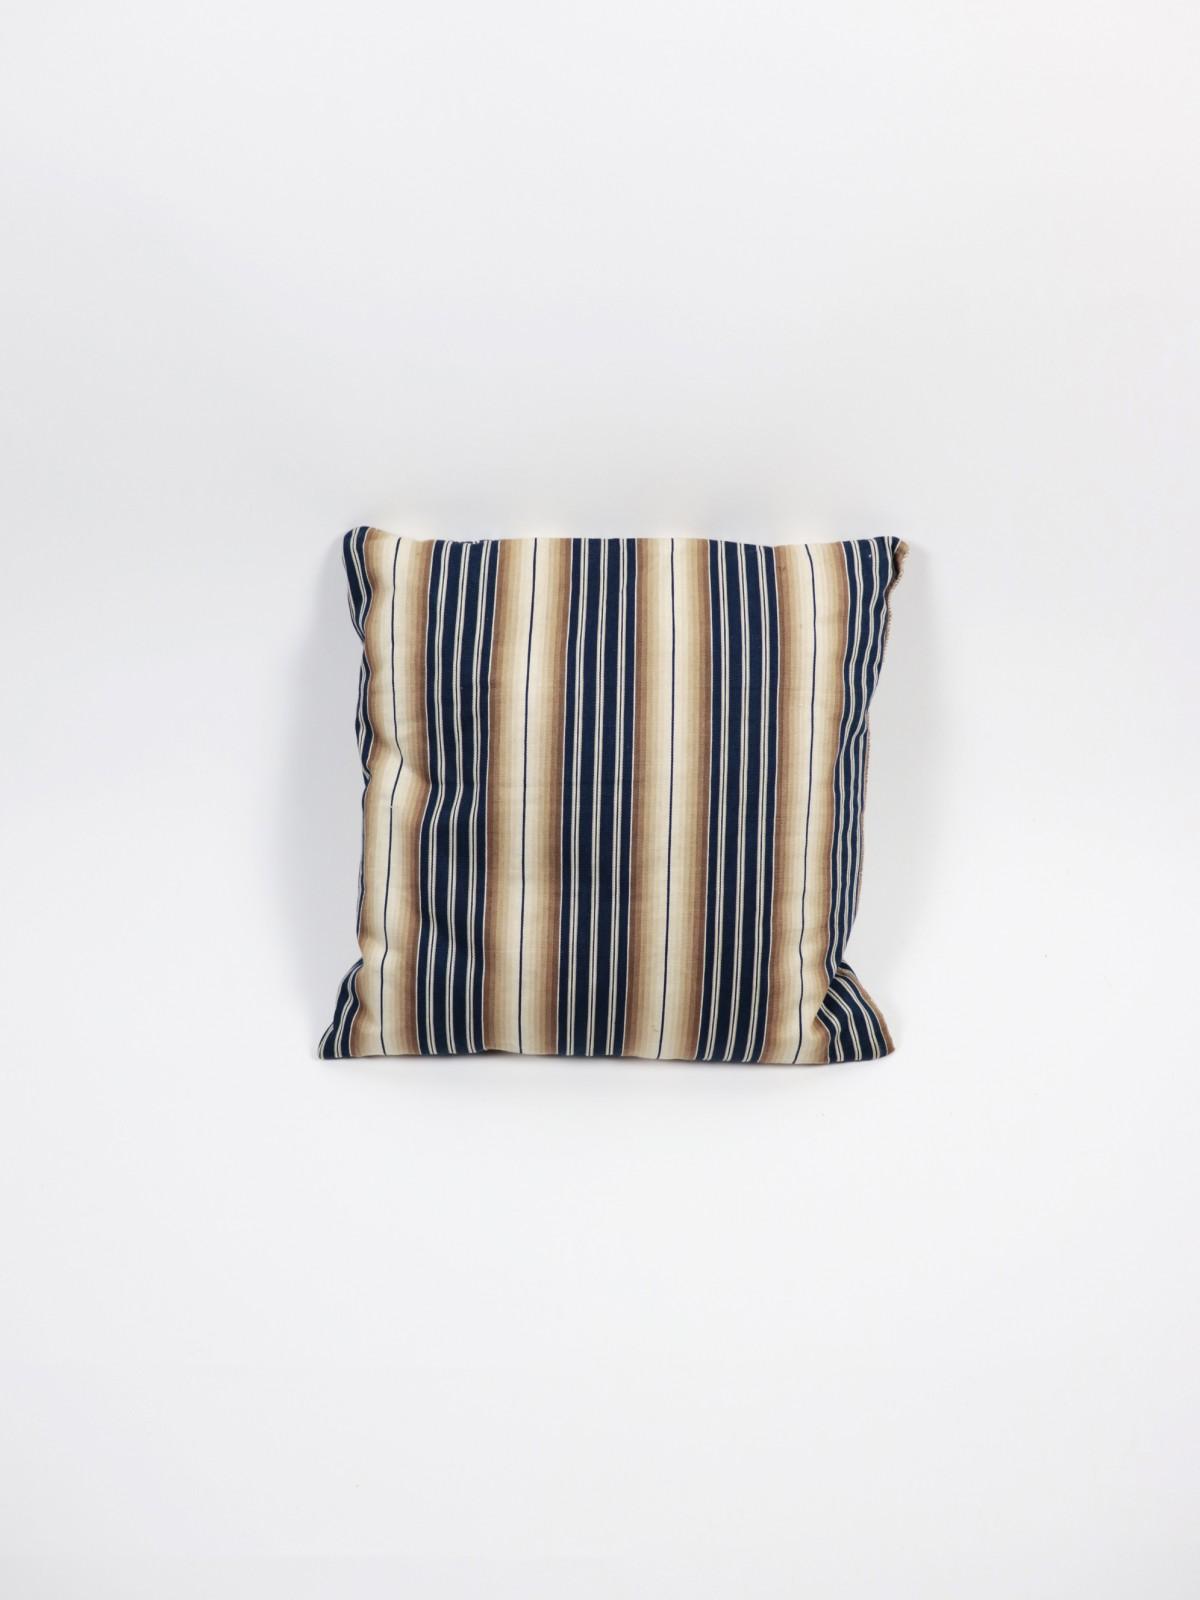 1950's fanric, USA, cushion